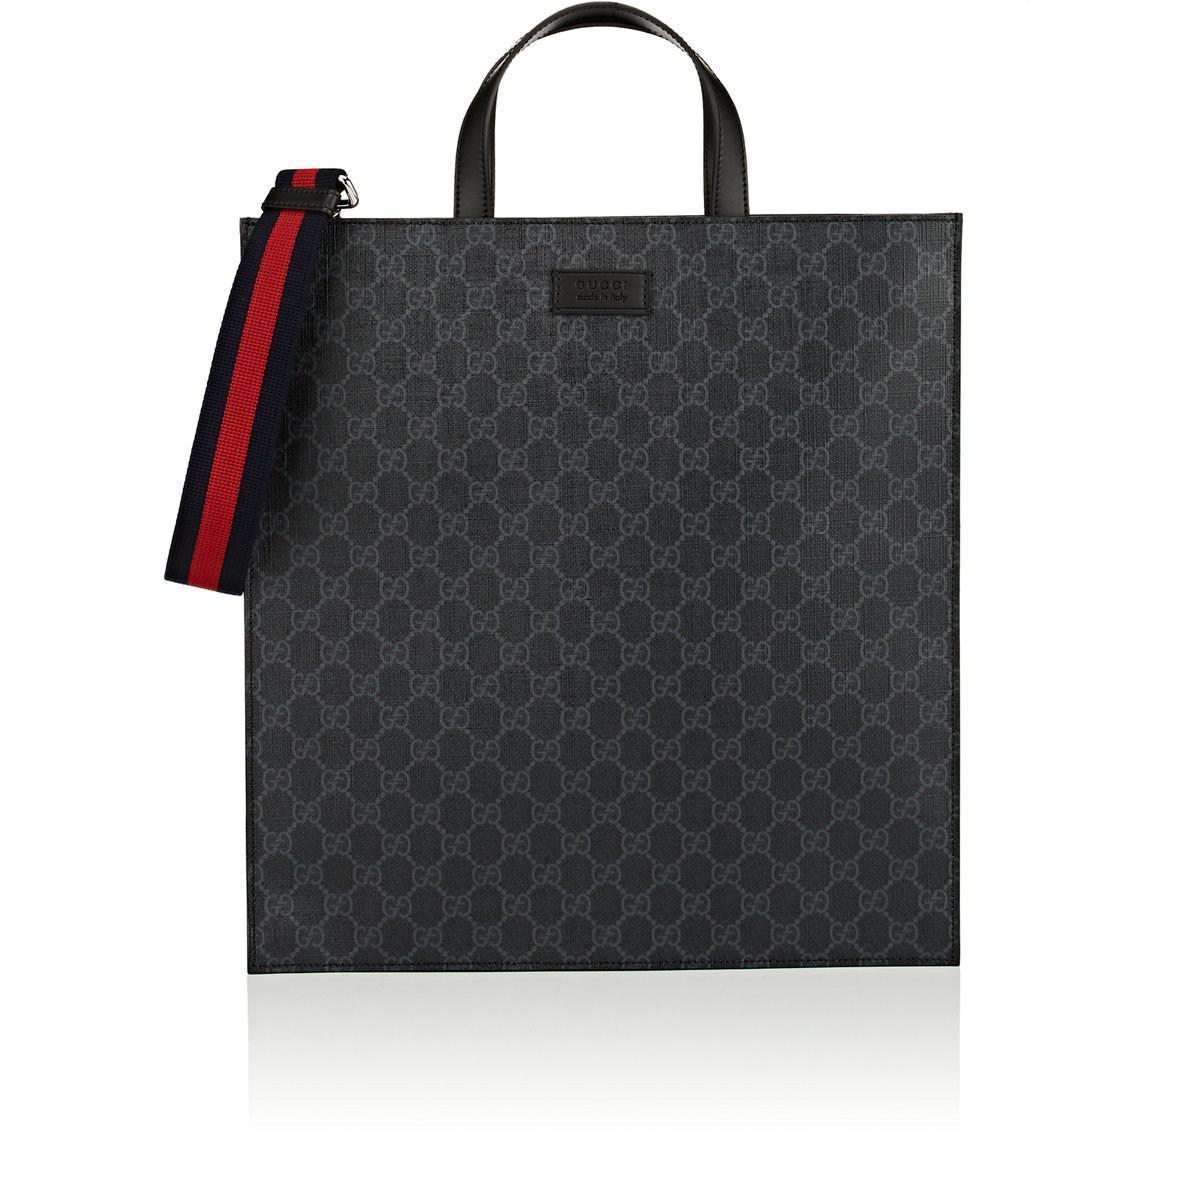 a30eebb76c0c8 Lyst - Gucci Gg Supreme Tote Bag in Black